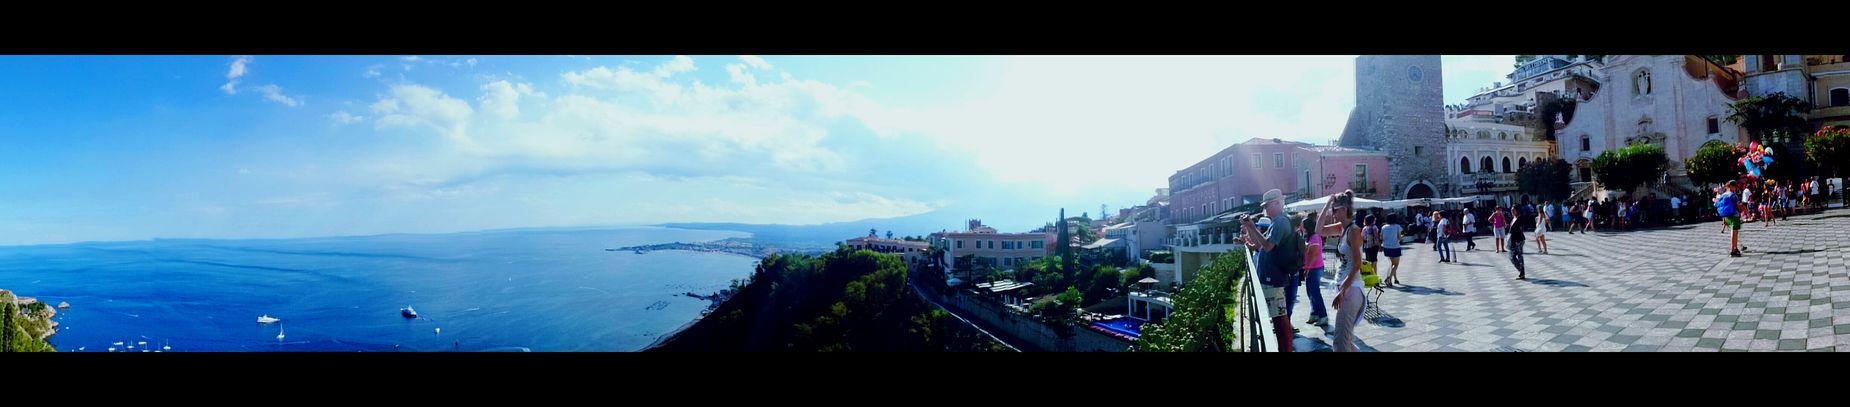 Sicily Sicilia Sicilian Siciliabedda Sicilianboy Sicilianelsangue Taormina Soloinsicilia Sicilia_ti_amo First Eyeem Photo